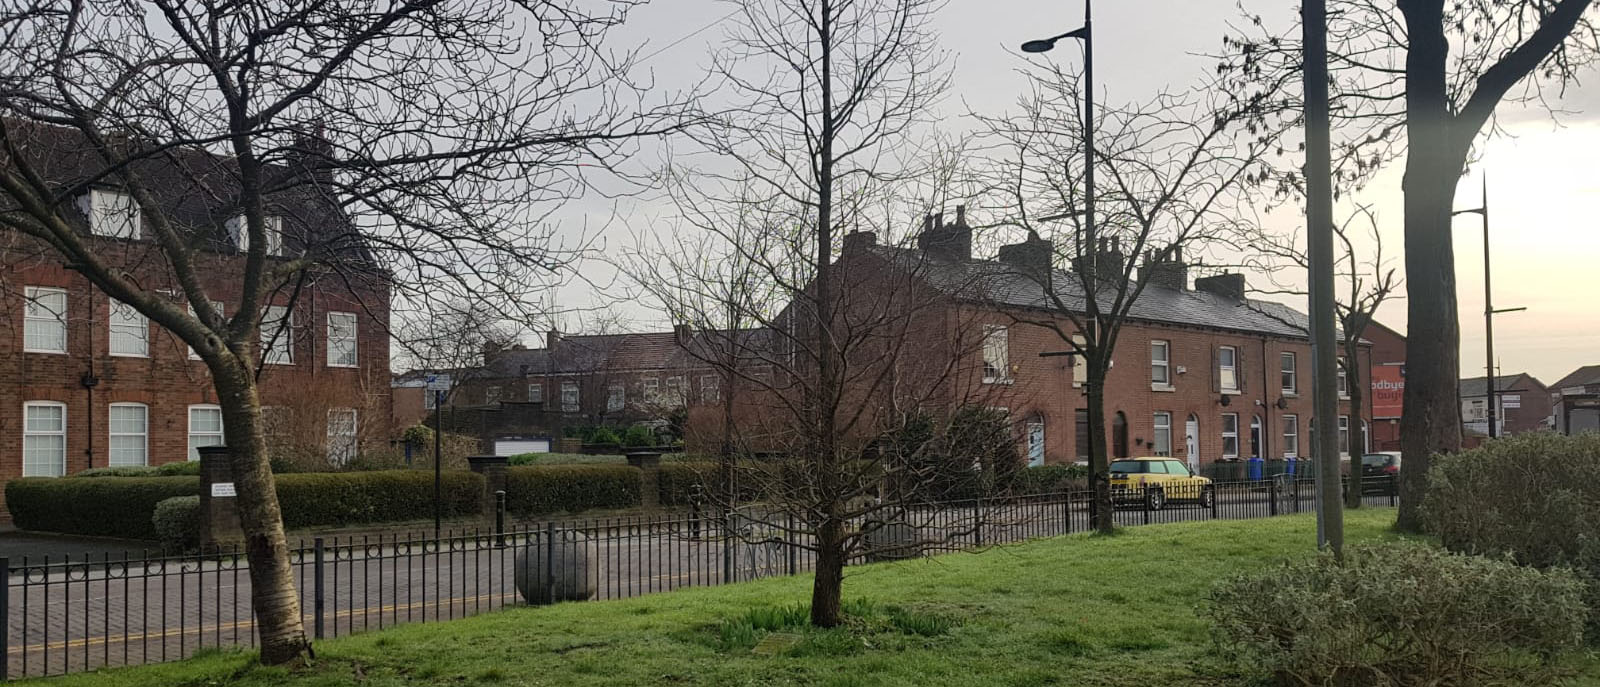 Moston Lane gree at the top of Moston Lane, Manchester